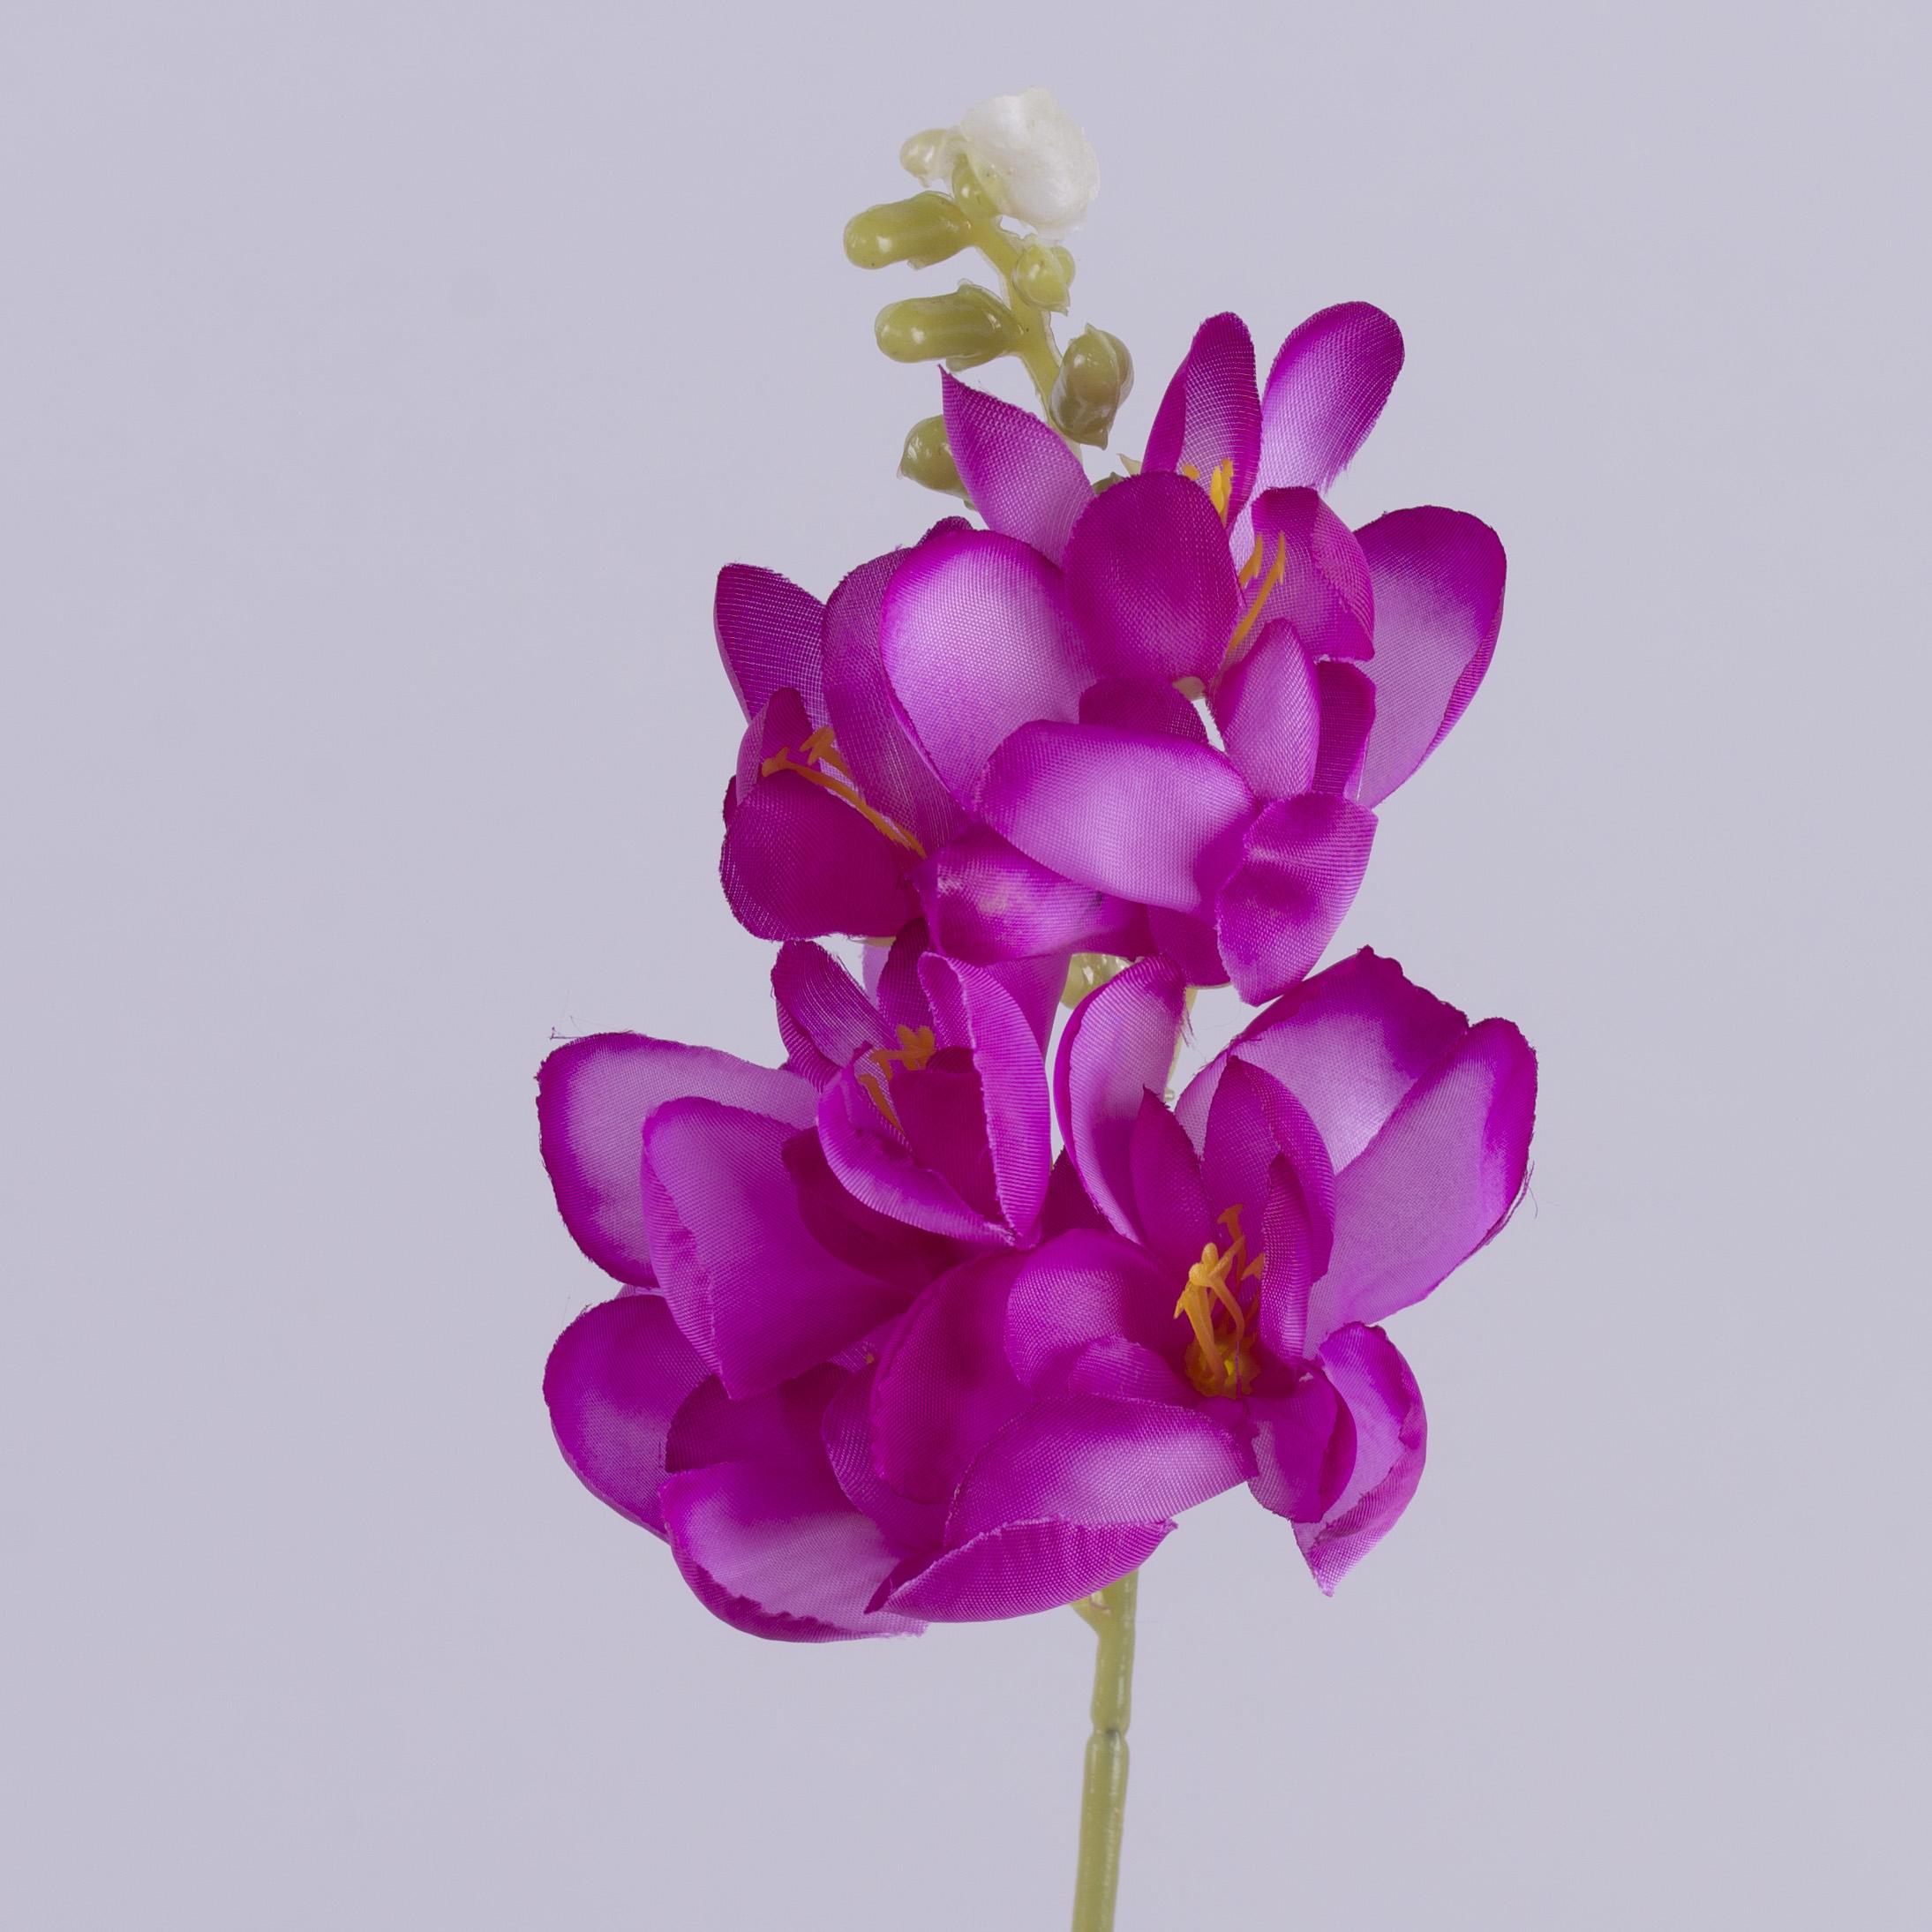 головка фрезии атласная ярко фиолетовая